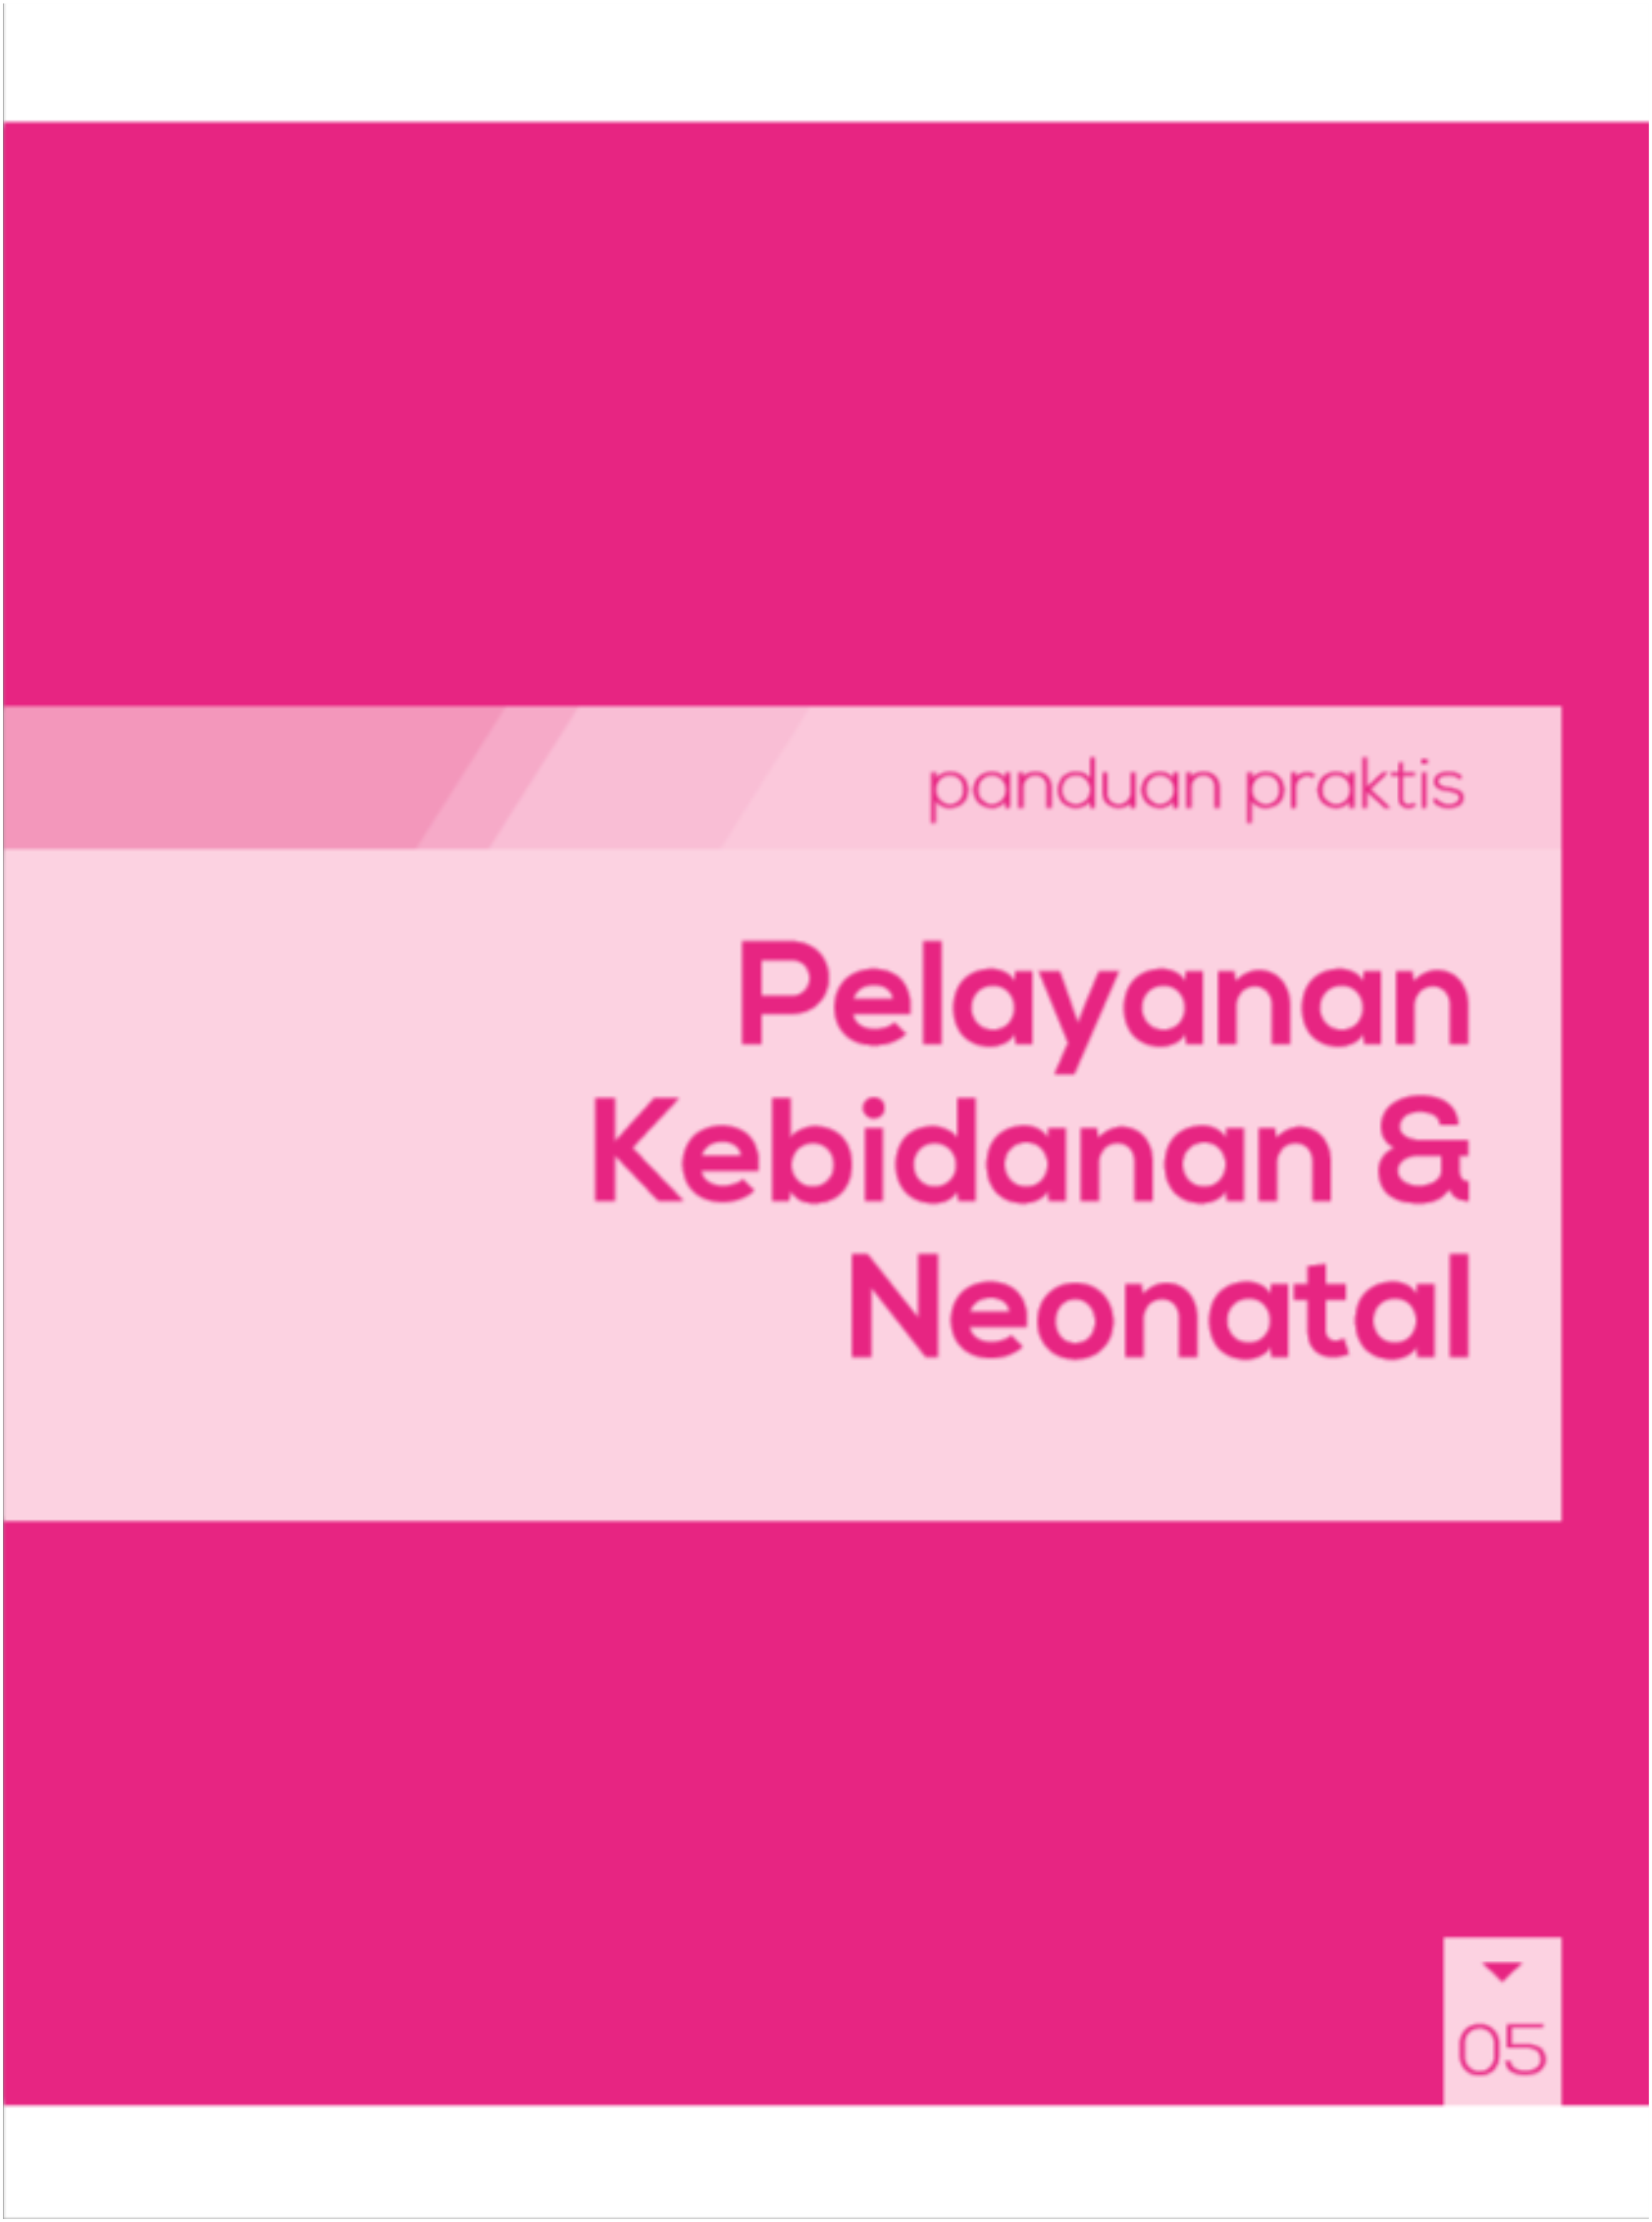 Panduan Praktis Pelayanan Kebidanan Dan Neonatal